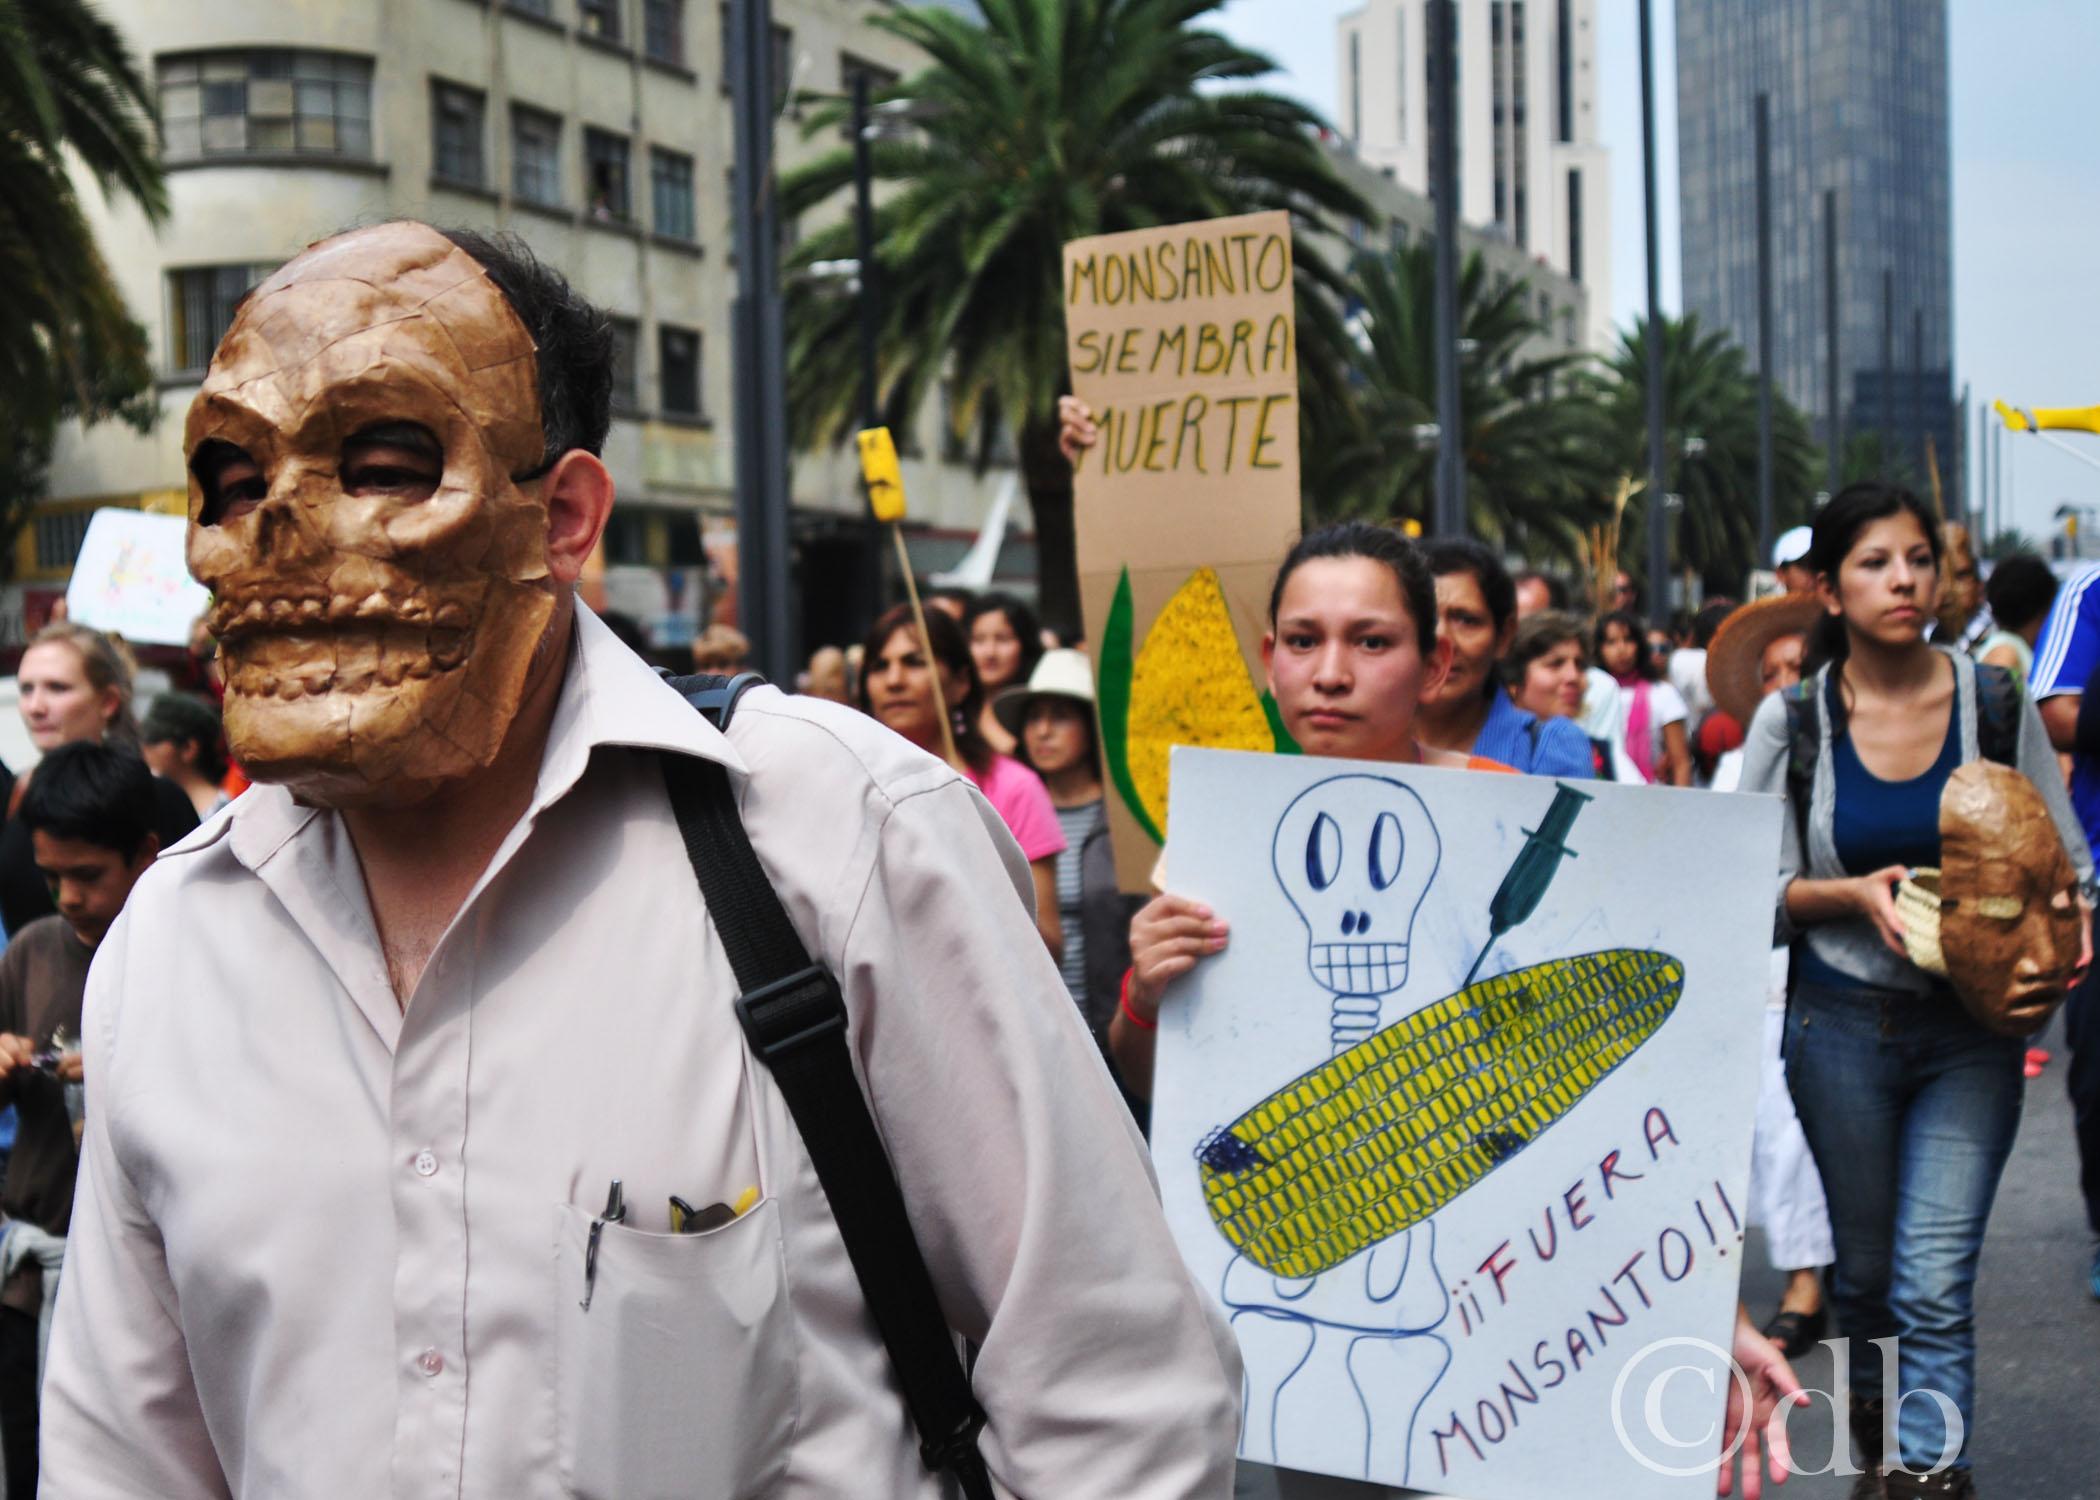 protesta contra monsanto bellas artes monumento a la revolucion debora poo 5